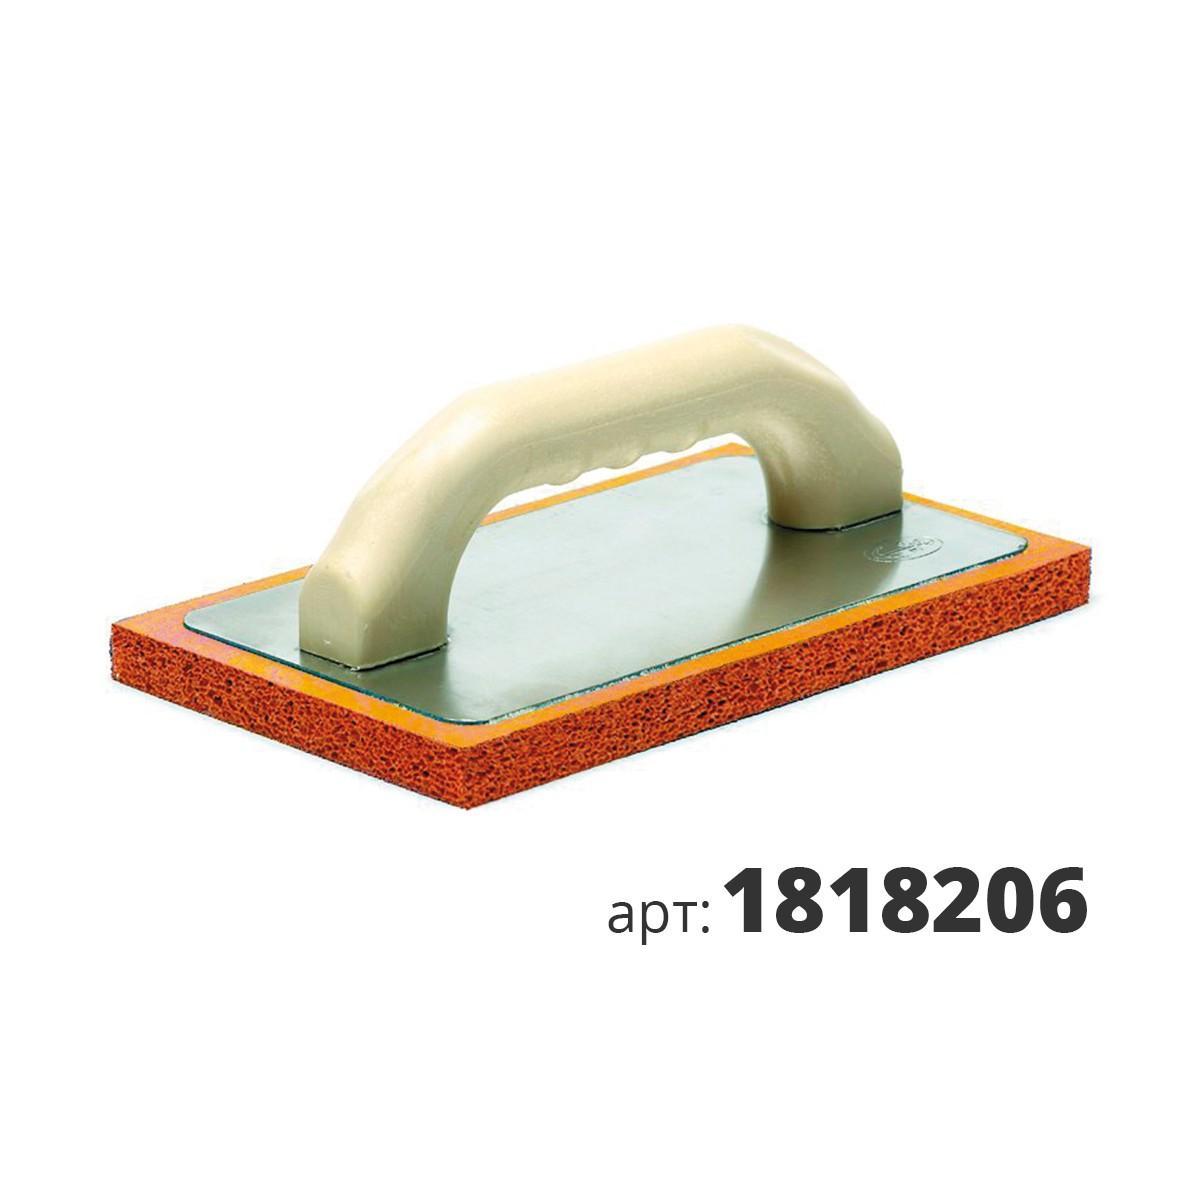 PAVAN кельма пластиковая с подошвой из прорезиненой губки 1818206